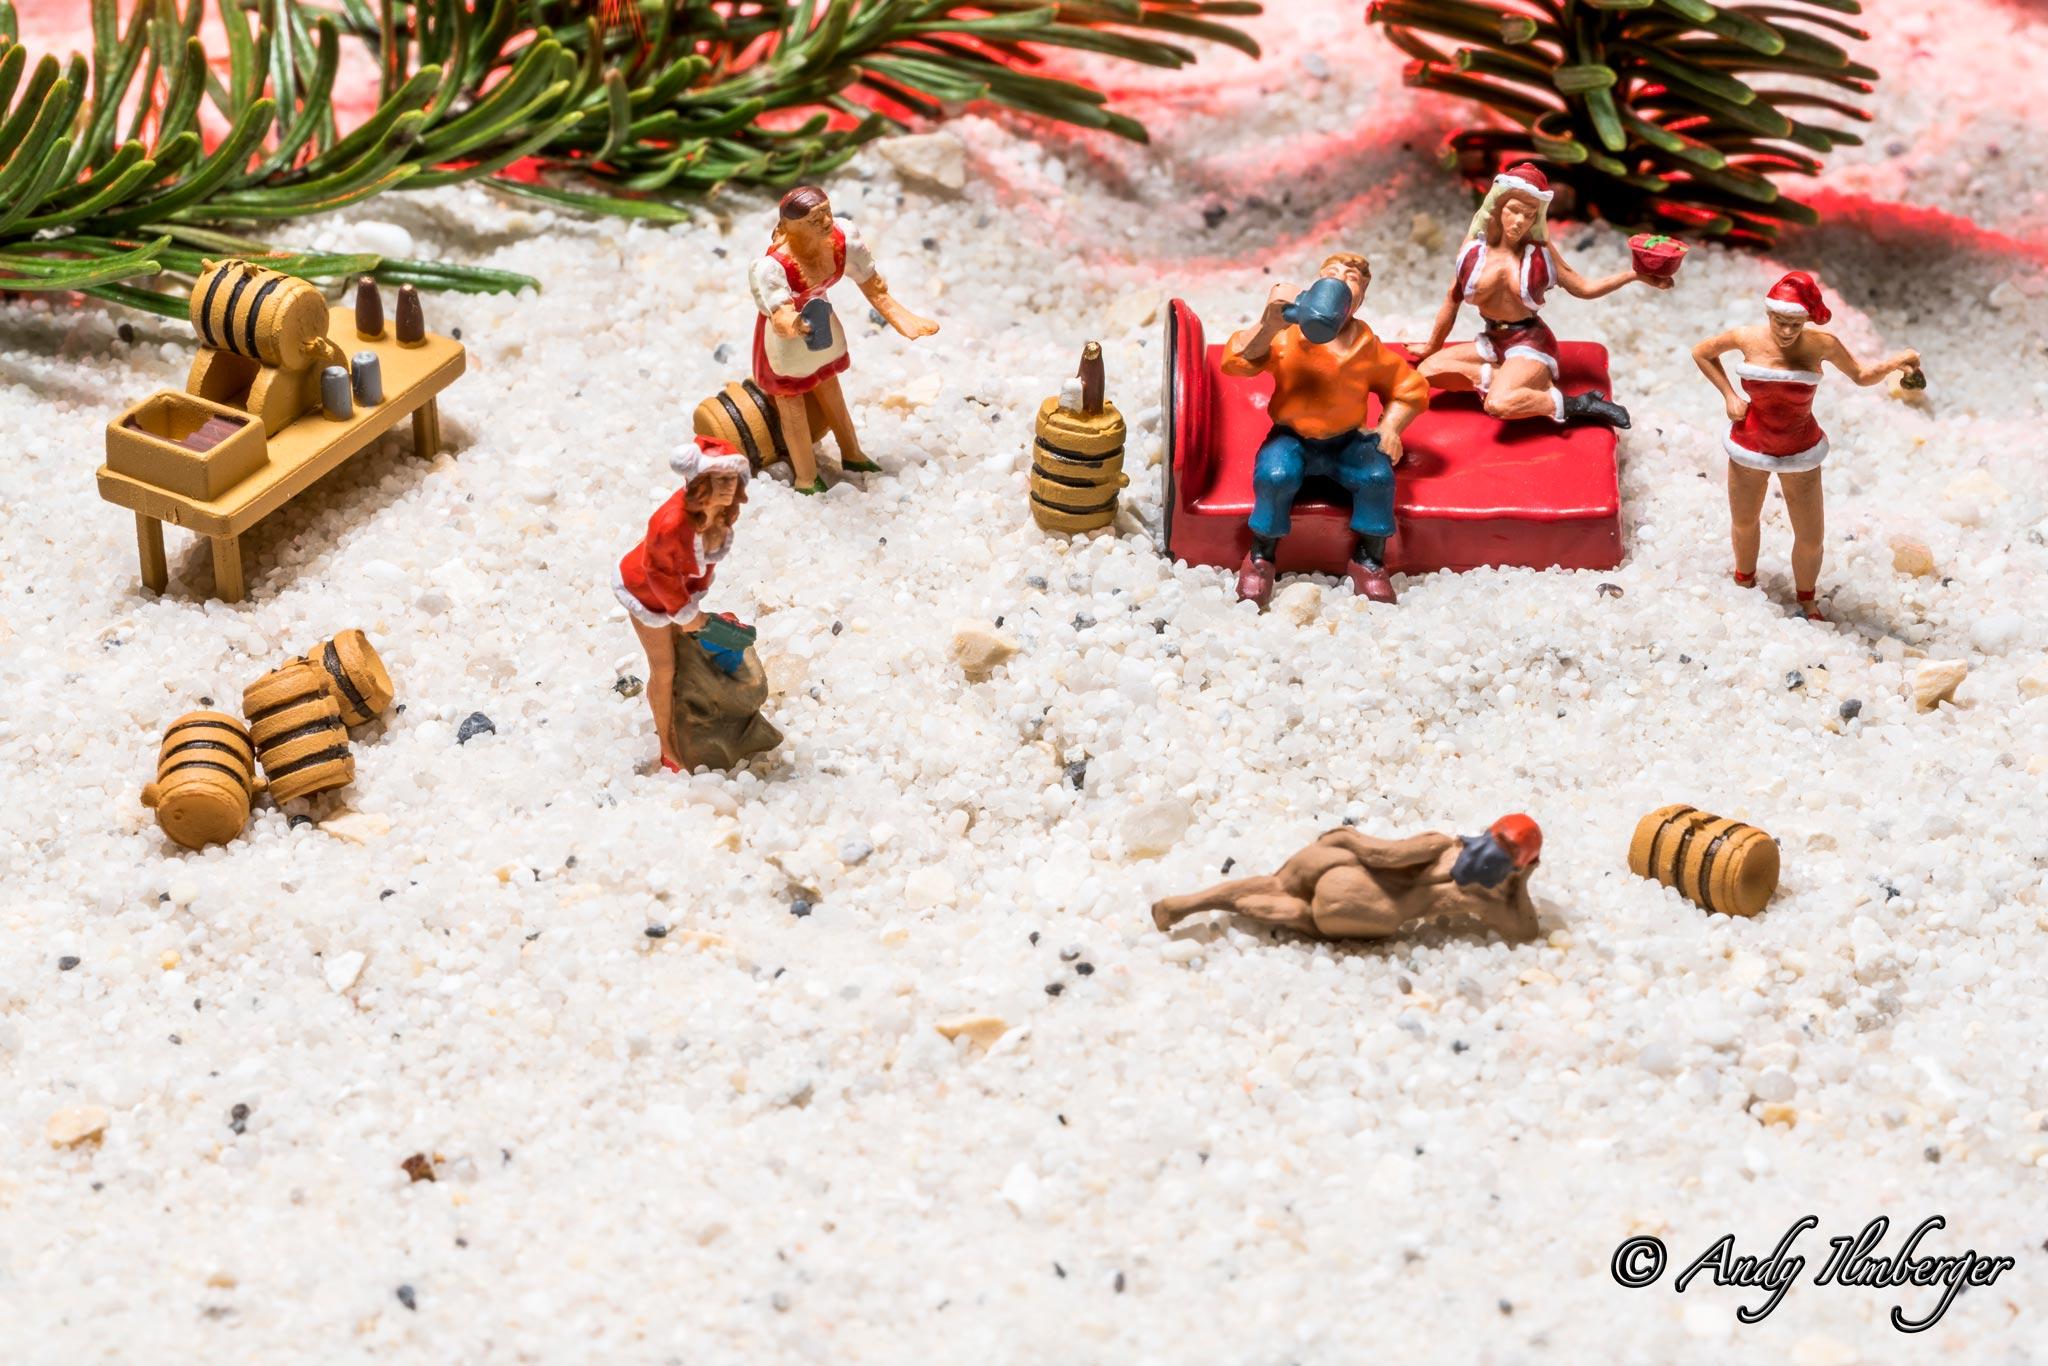 Mann träumt von Weihnachten - H0-Figuren in Szene gesetzt von © Andy Ilmberger im Kleine-Helden.Club